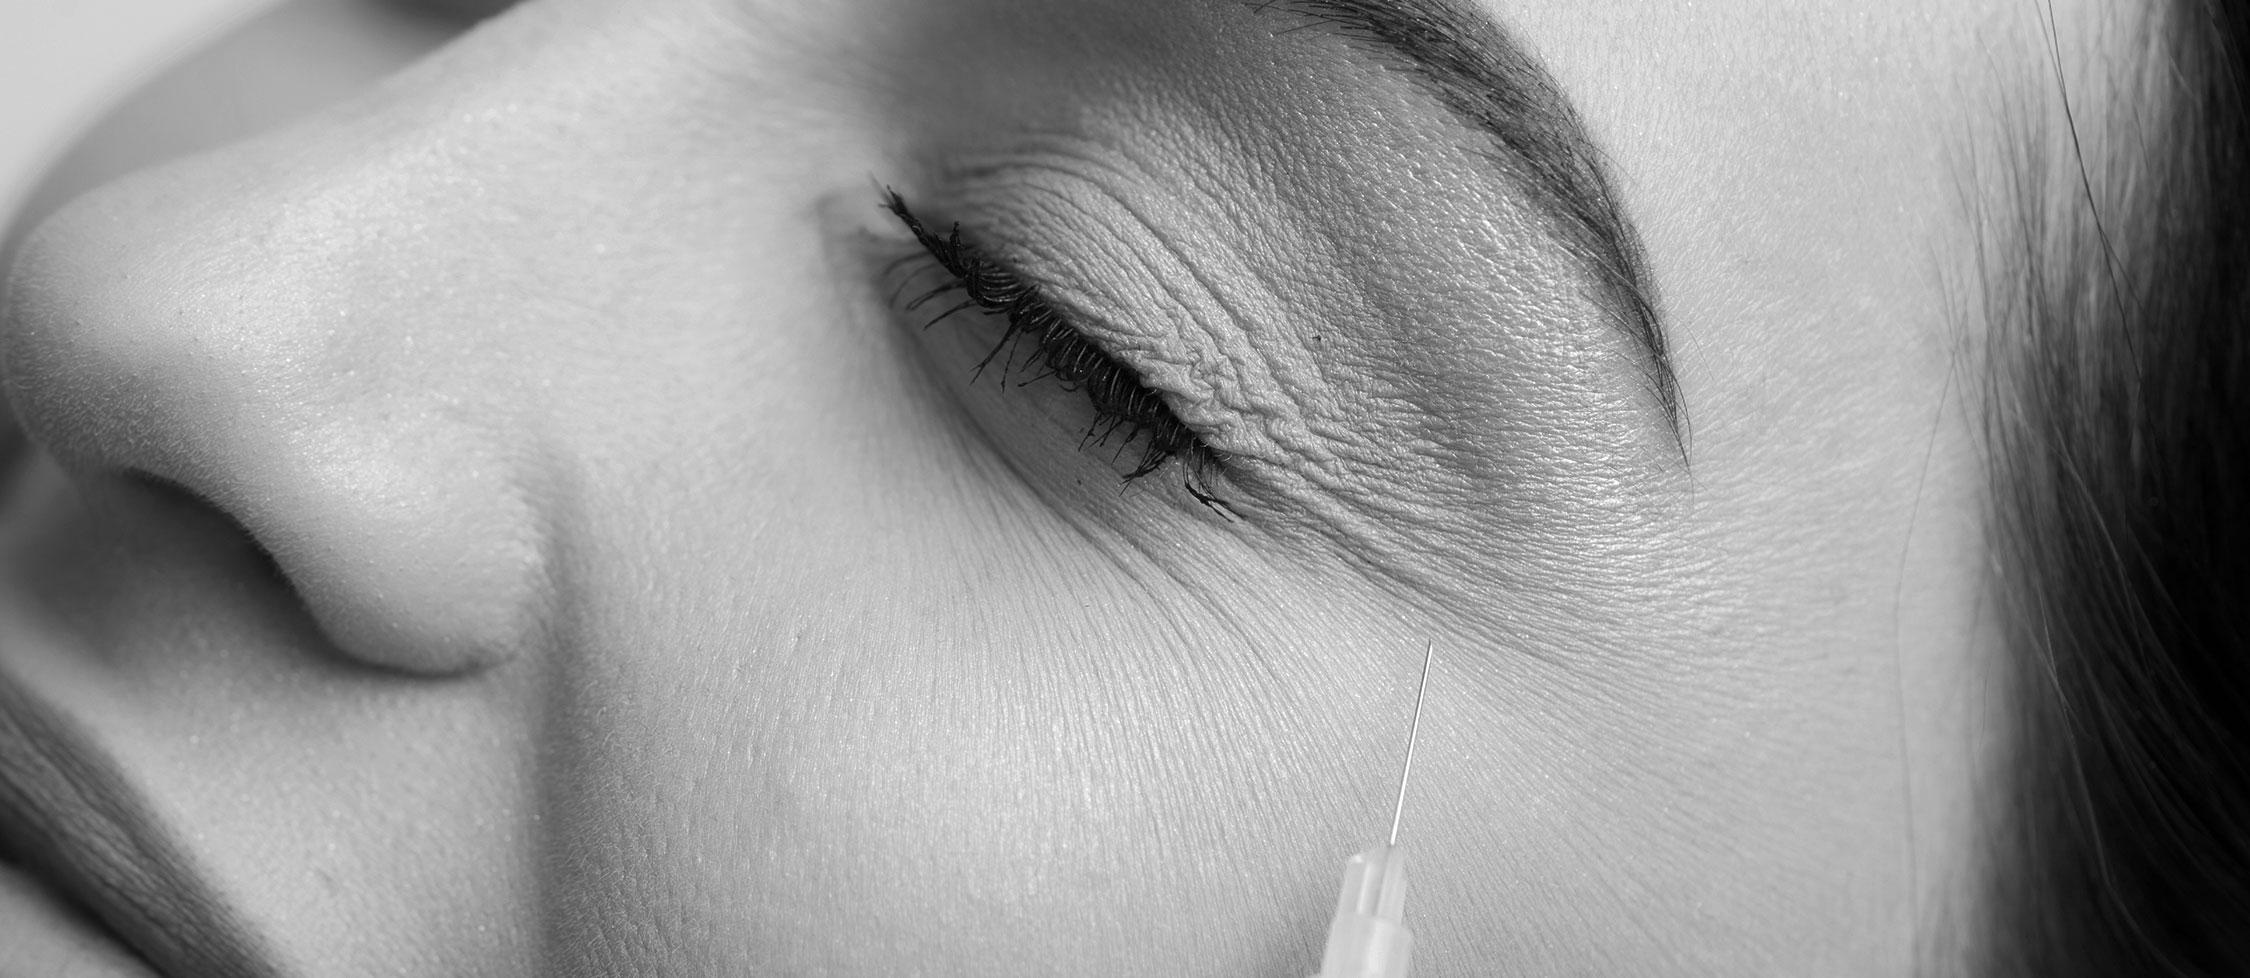 Comblement des rides à Lyon - chirurgie du nez et visage | Dr Durbec